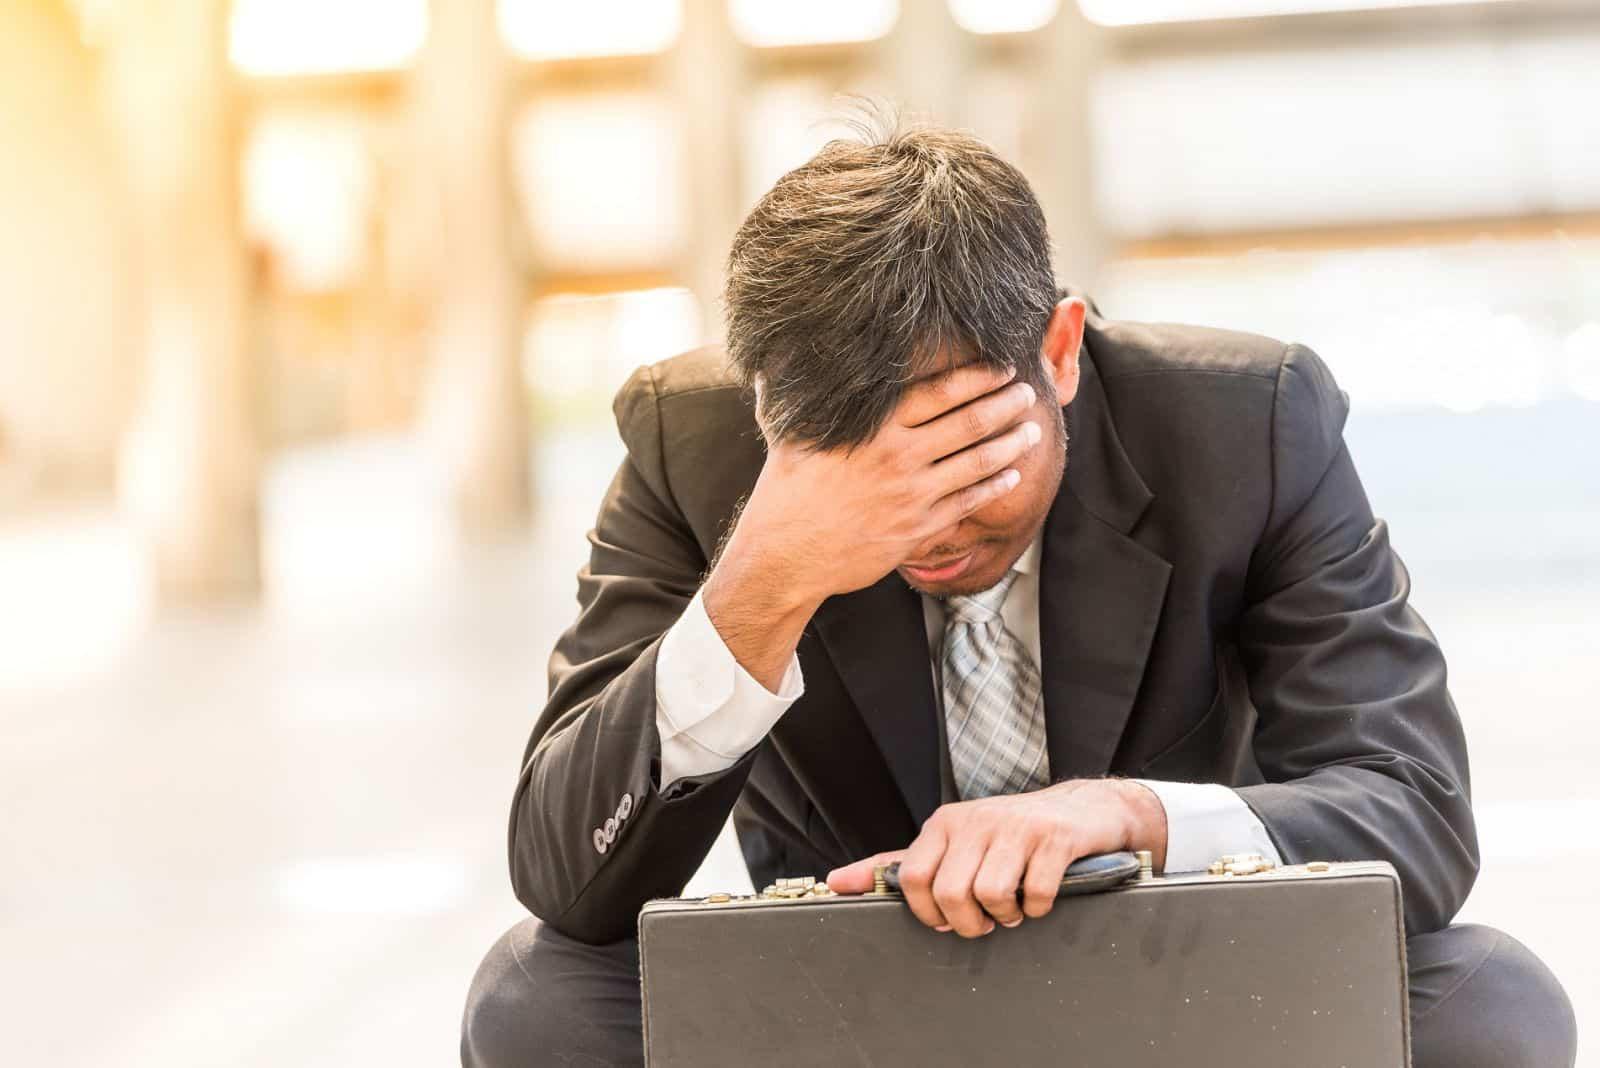 Đơn độc là một mối nguy hiểm về mặt nghề nghiệp đối với các doanh nhân